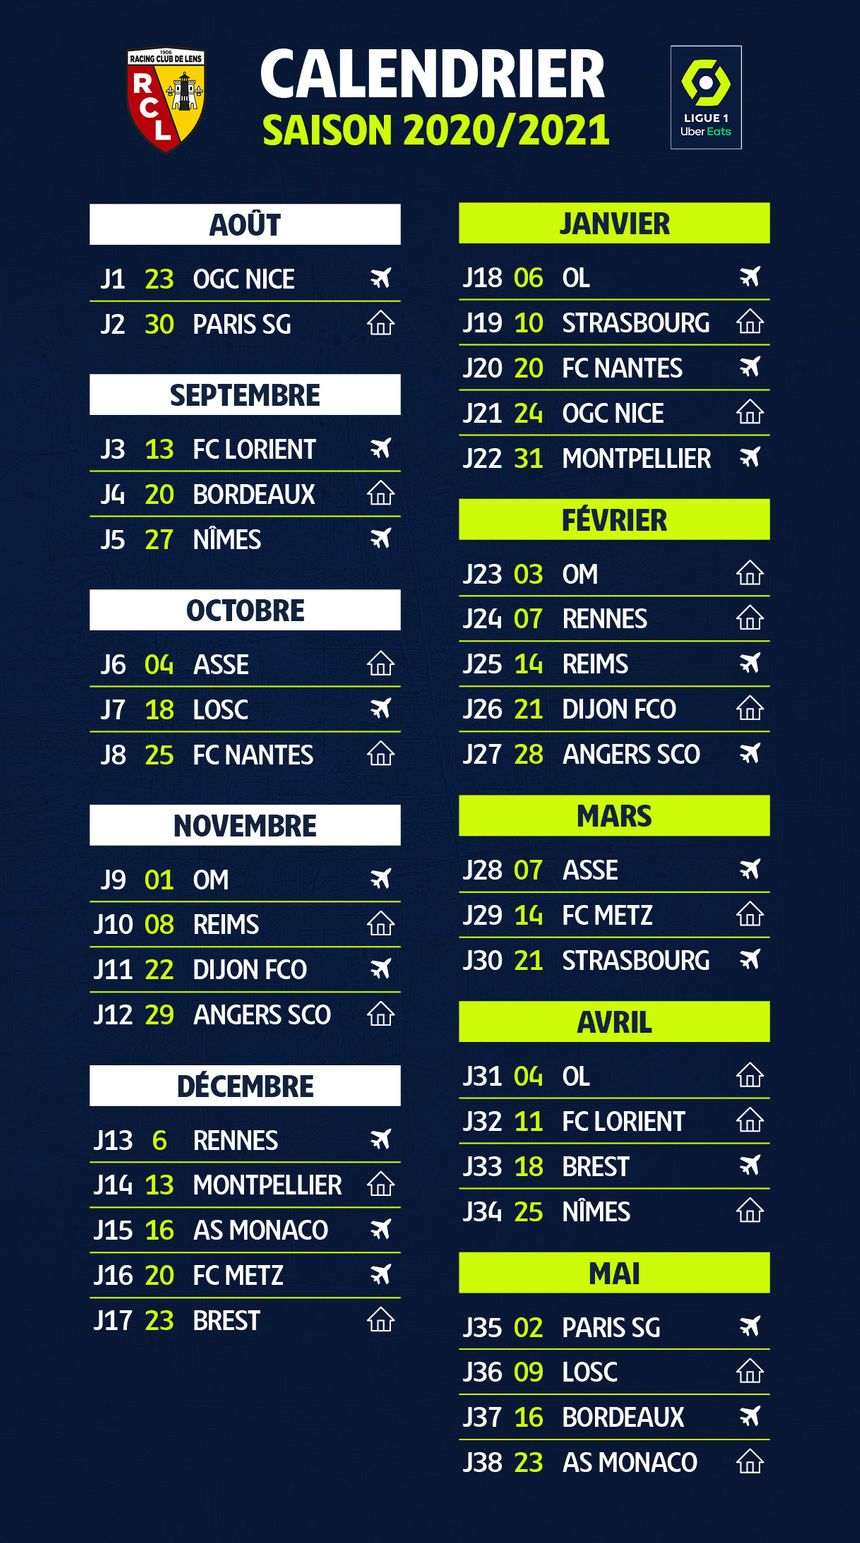 Calendrier Ligue 1 2021 Pdf Ligue 1 : le calendrier du RC Lens pour la saison 2020 2021